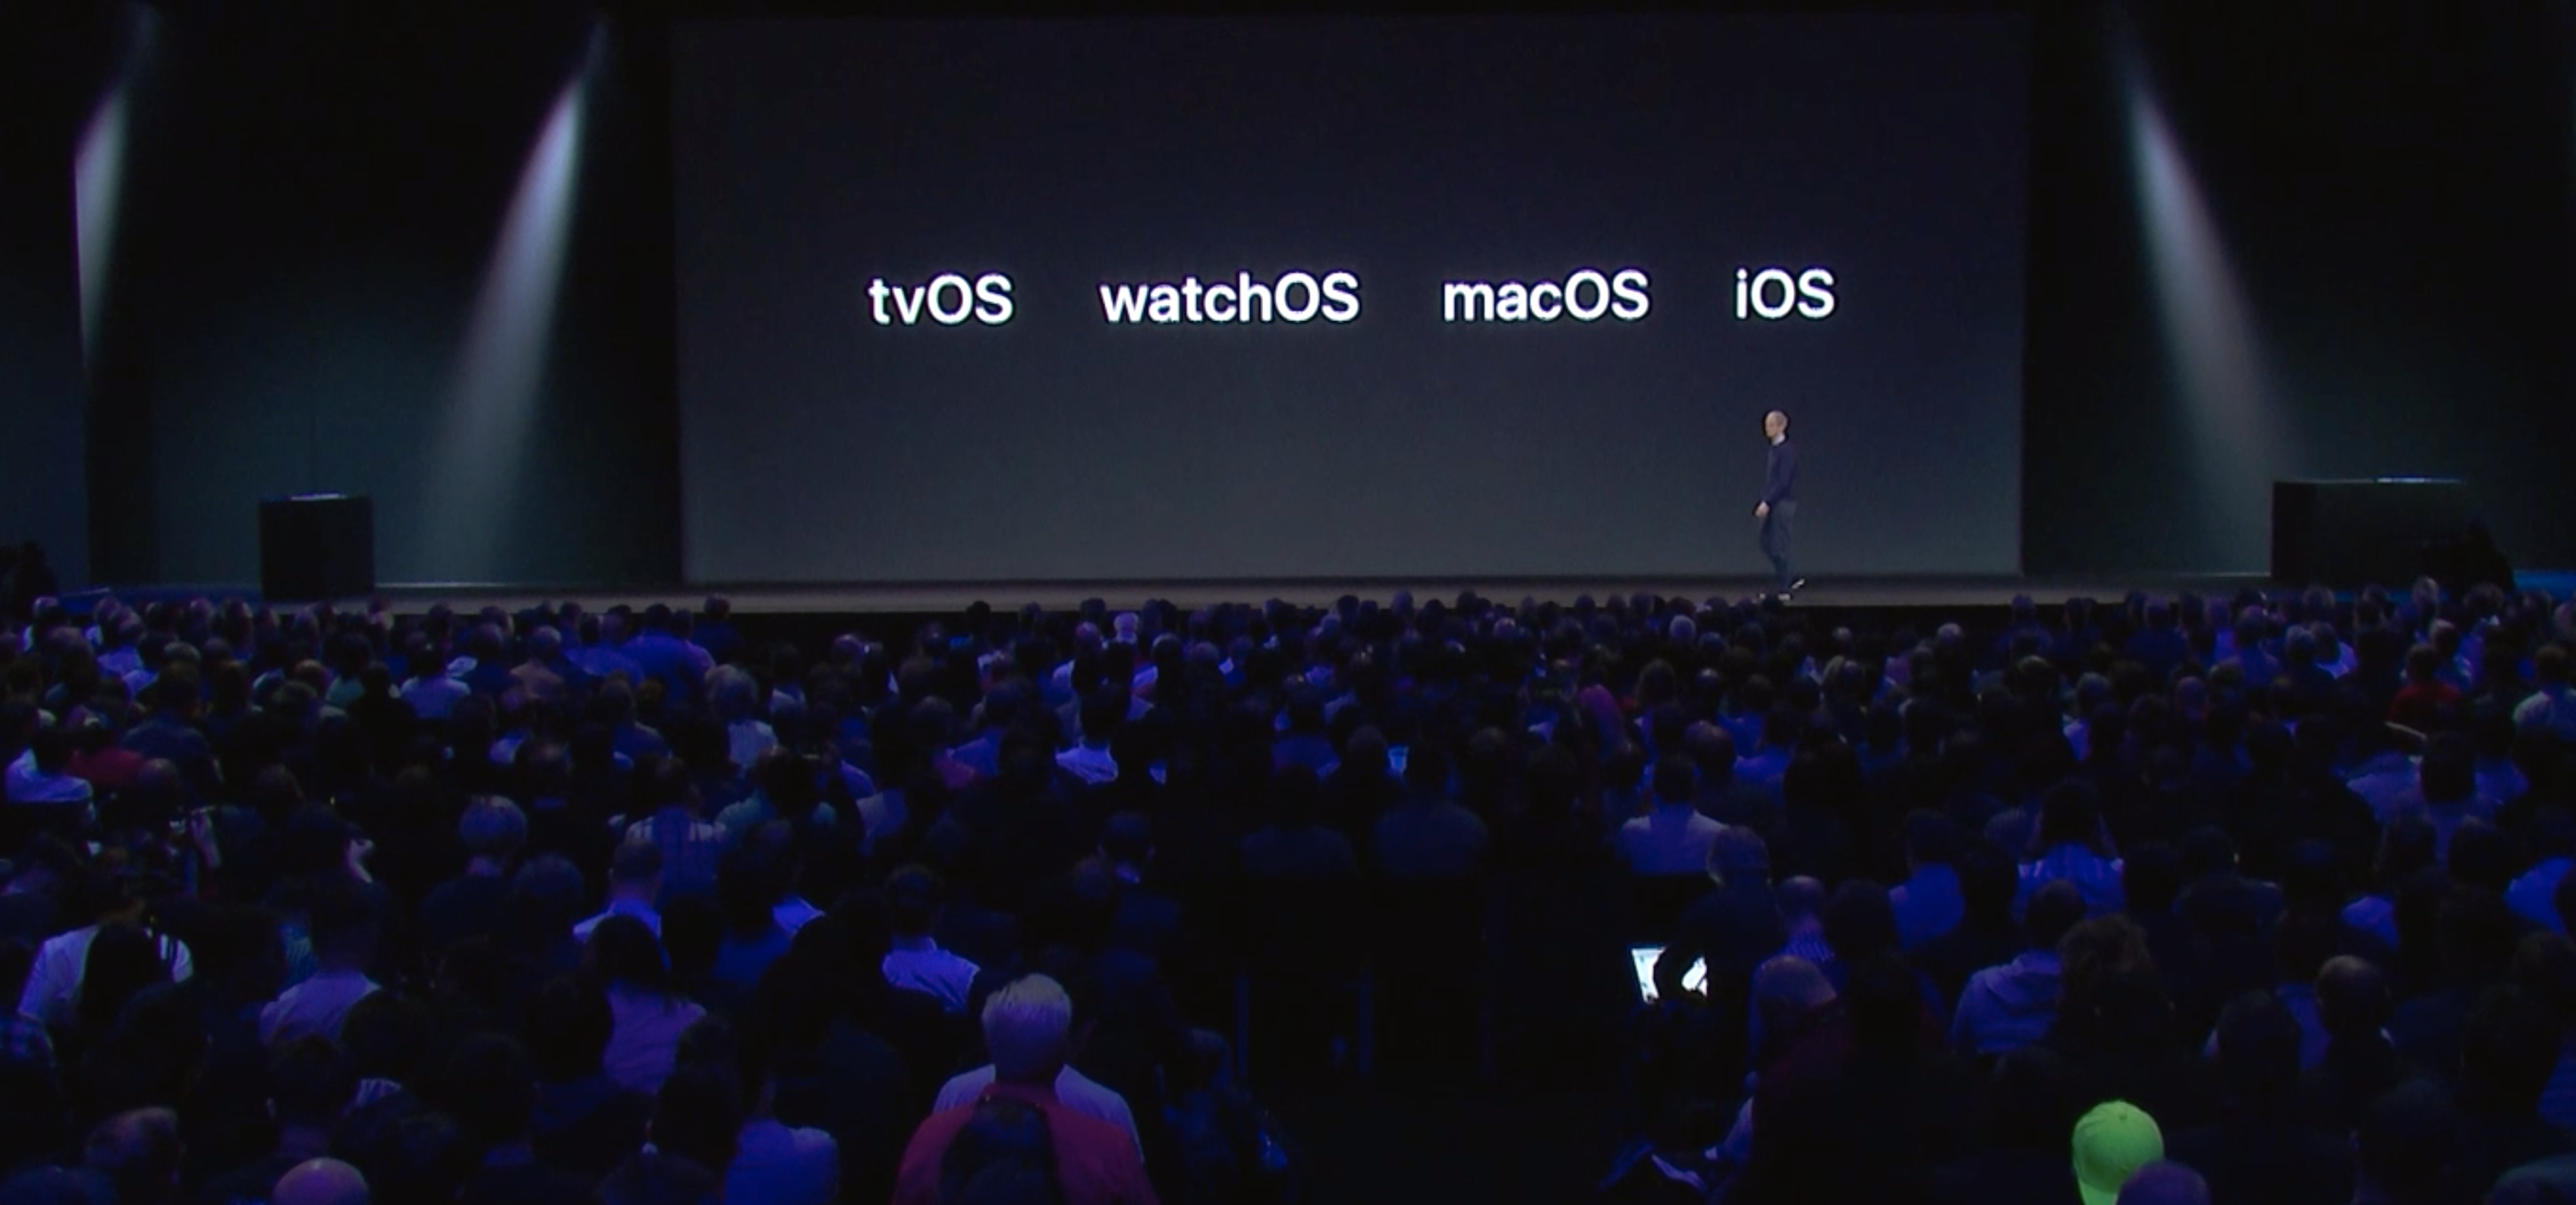 De eksisterende plattformene presenteres.